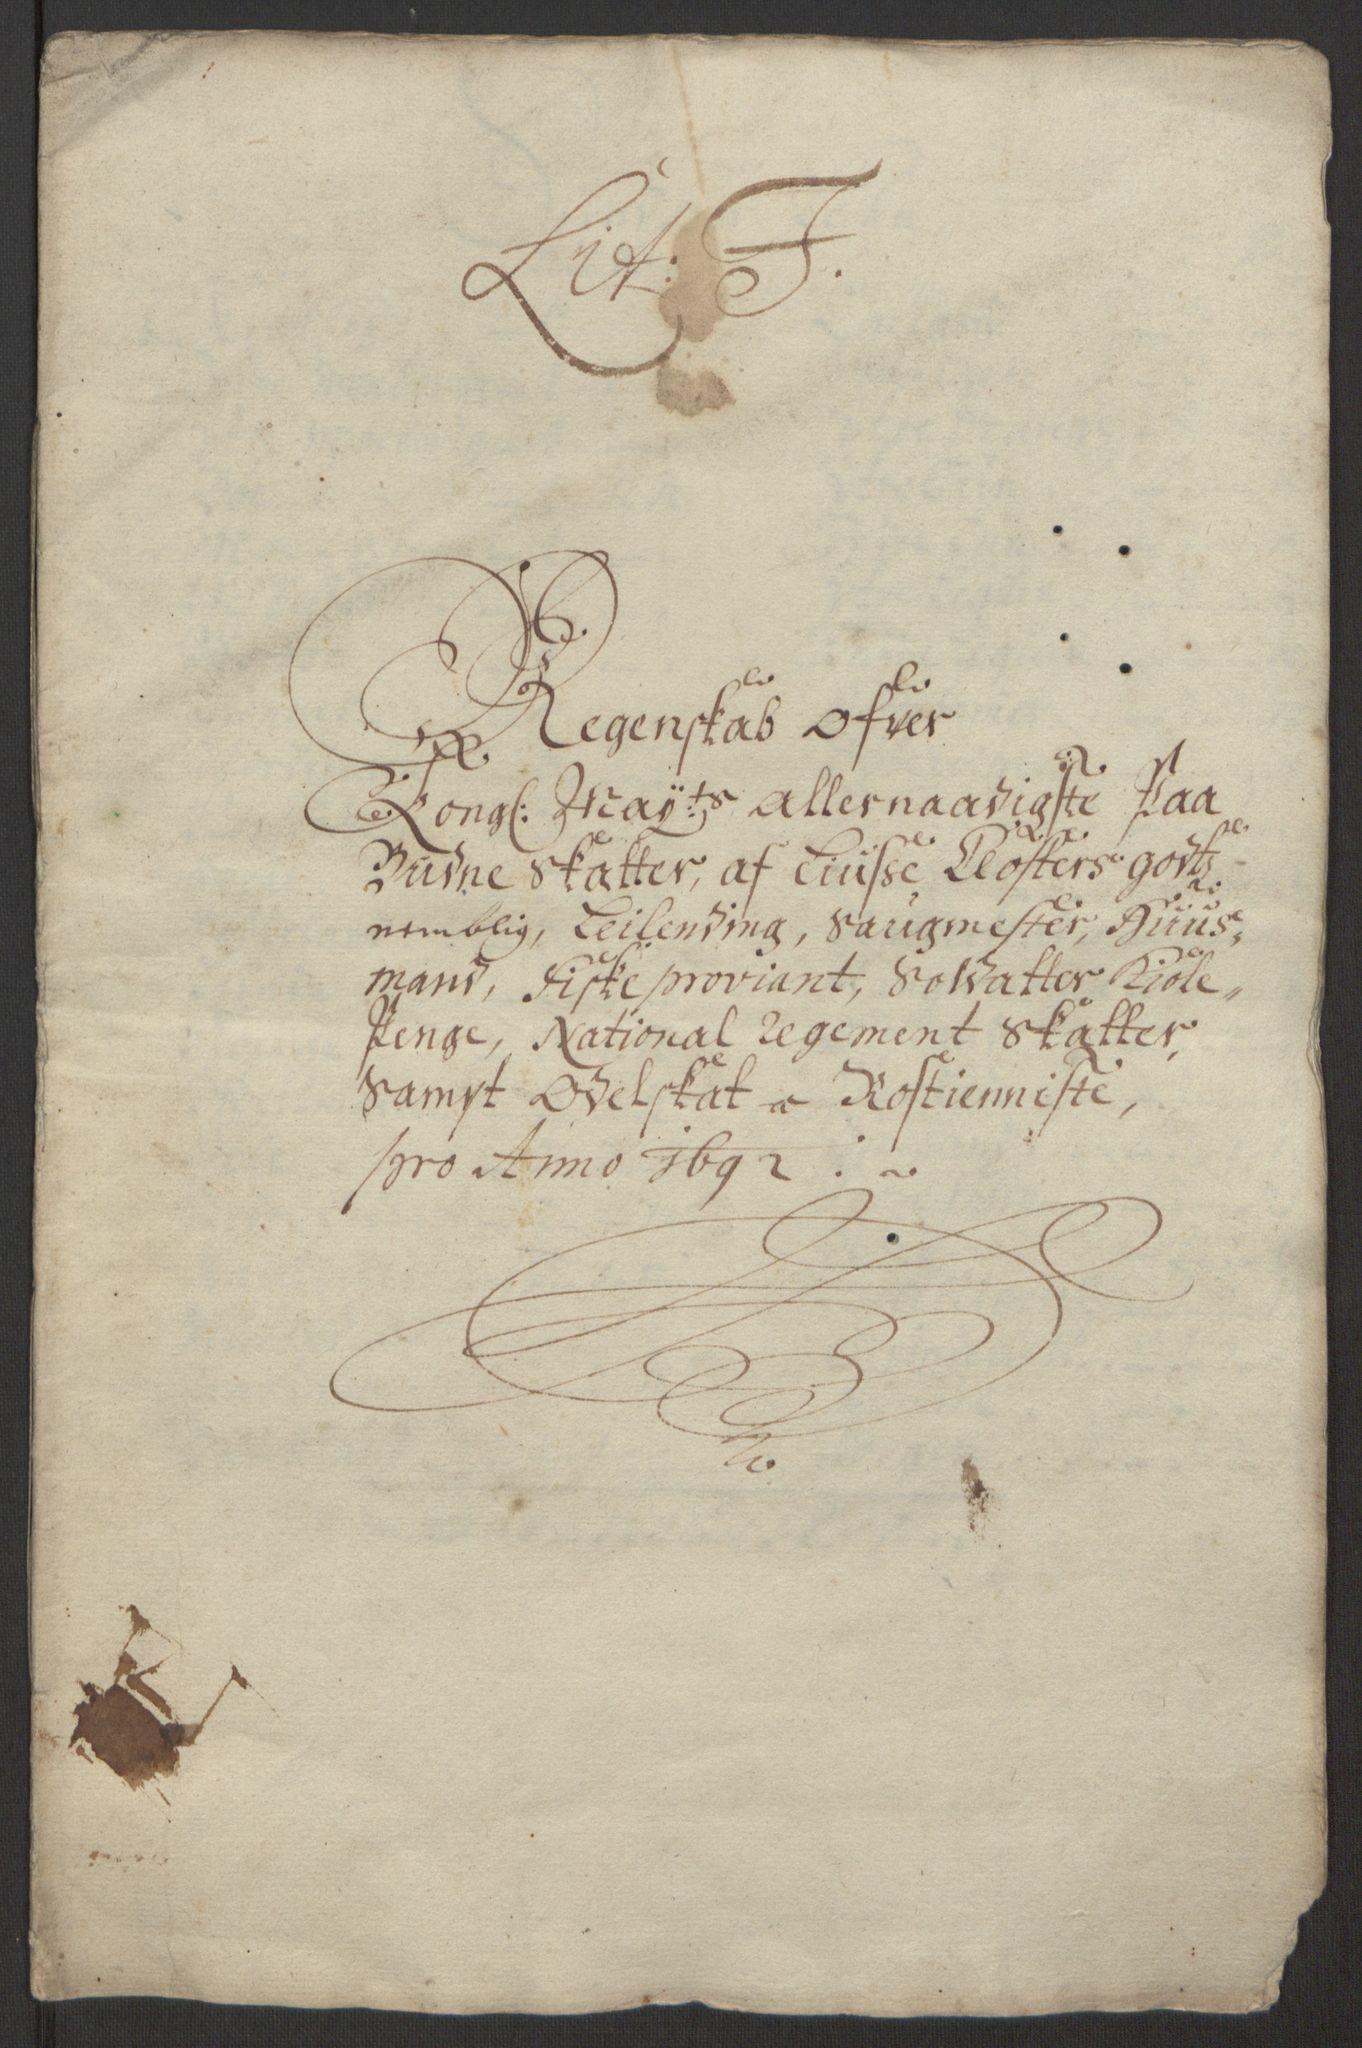 RA, Rentekammeret inntil 1814, Reviderte regnskaper, Fogderegnskap, R50/L3159: Fogderegnskap Lyse kloster, 1691-1709, s. 8